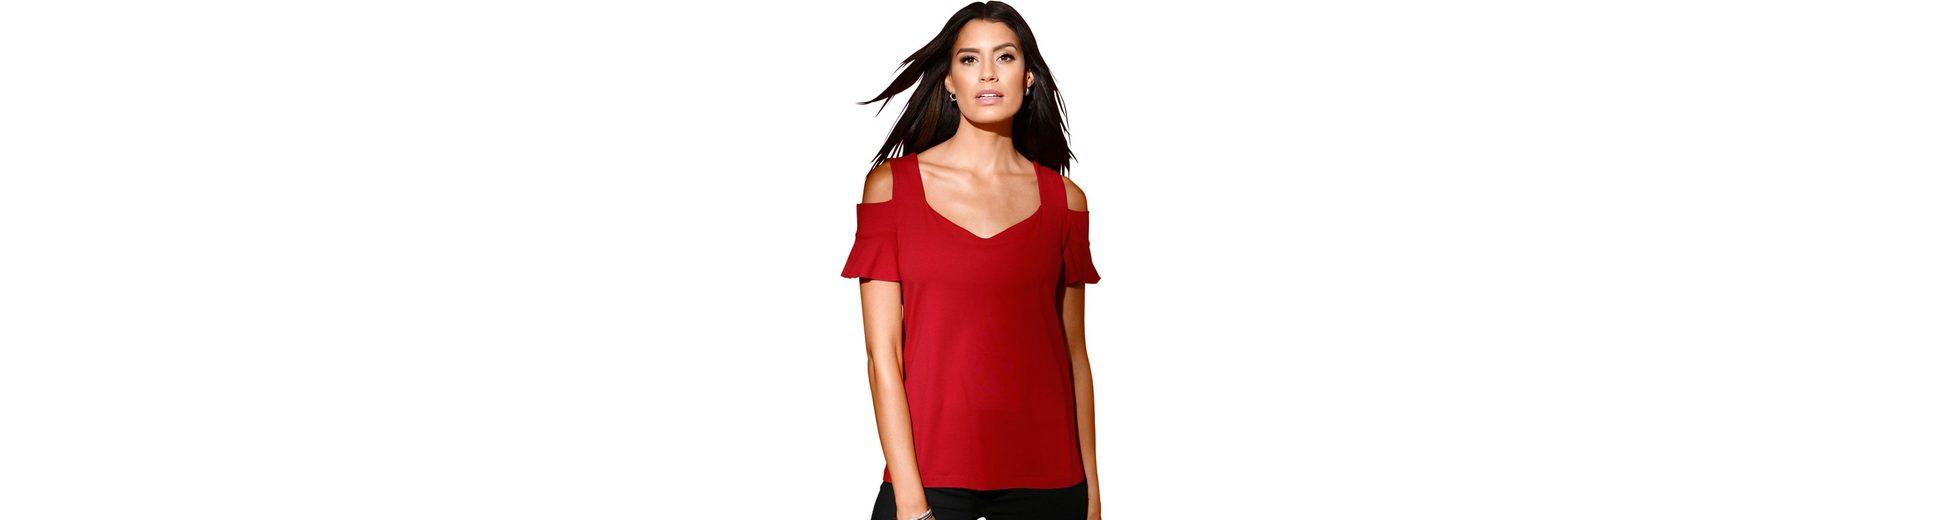 Création L Shirt mit kurzen Volant-Ärmel Freies Verschiffen Neue Ankunft Spielraum Neu 2018 Billig Verkaufen Shop Für Online cucN6wGzJy